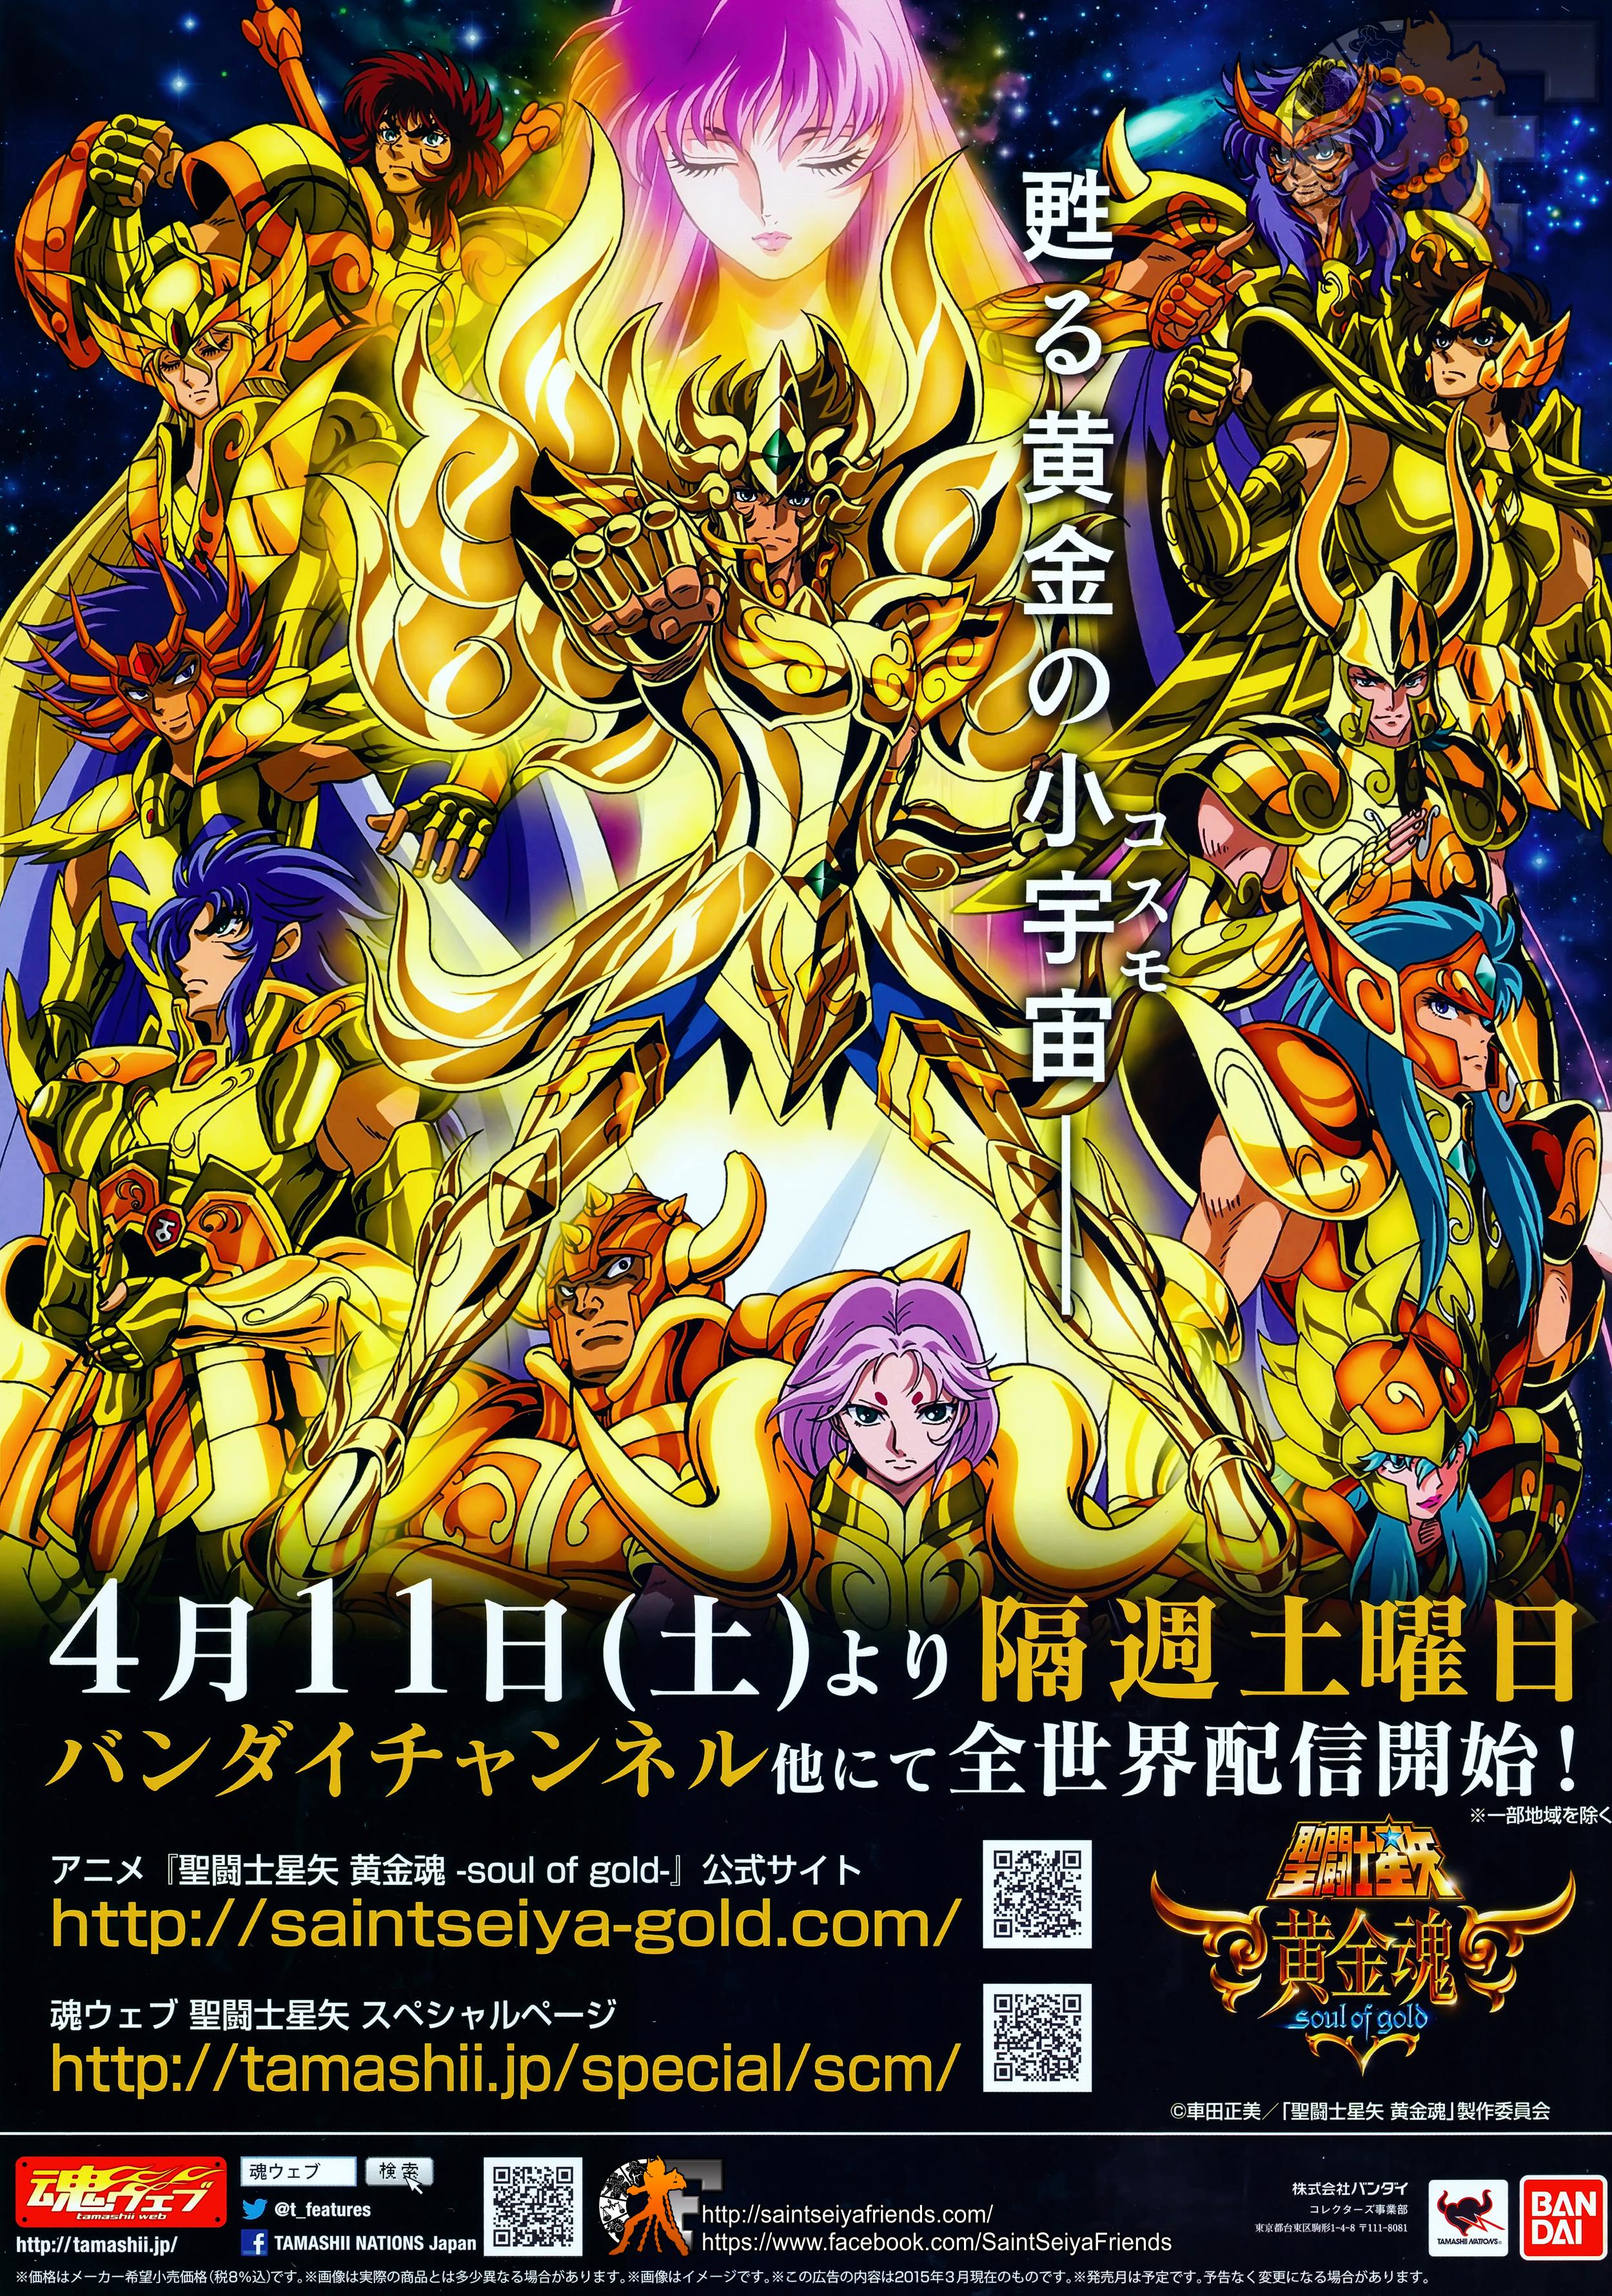 [Comentários] Saint Cloth Myth EX - Soul of Gold Aiolia de Leão - Página 9 19091250562_3062ac8f45_o